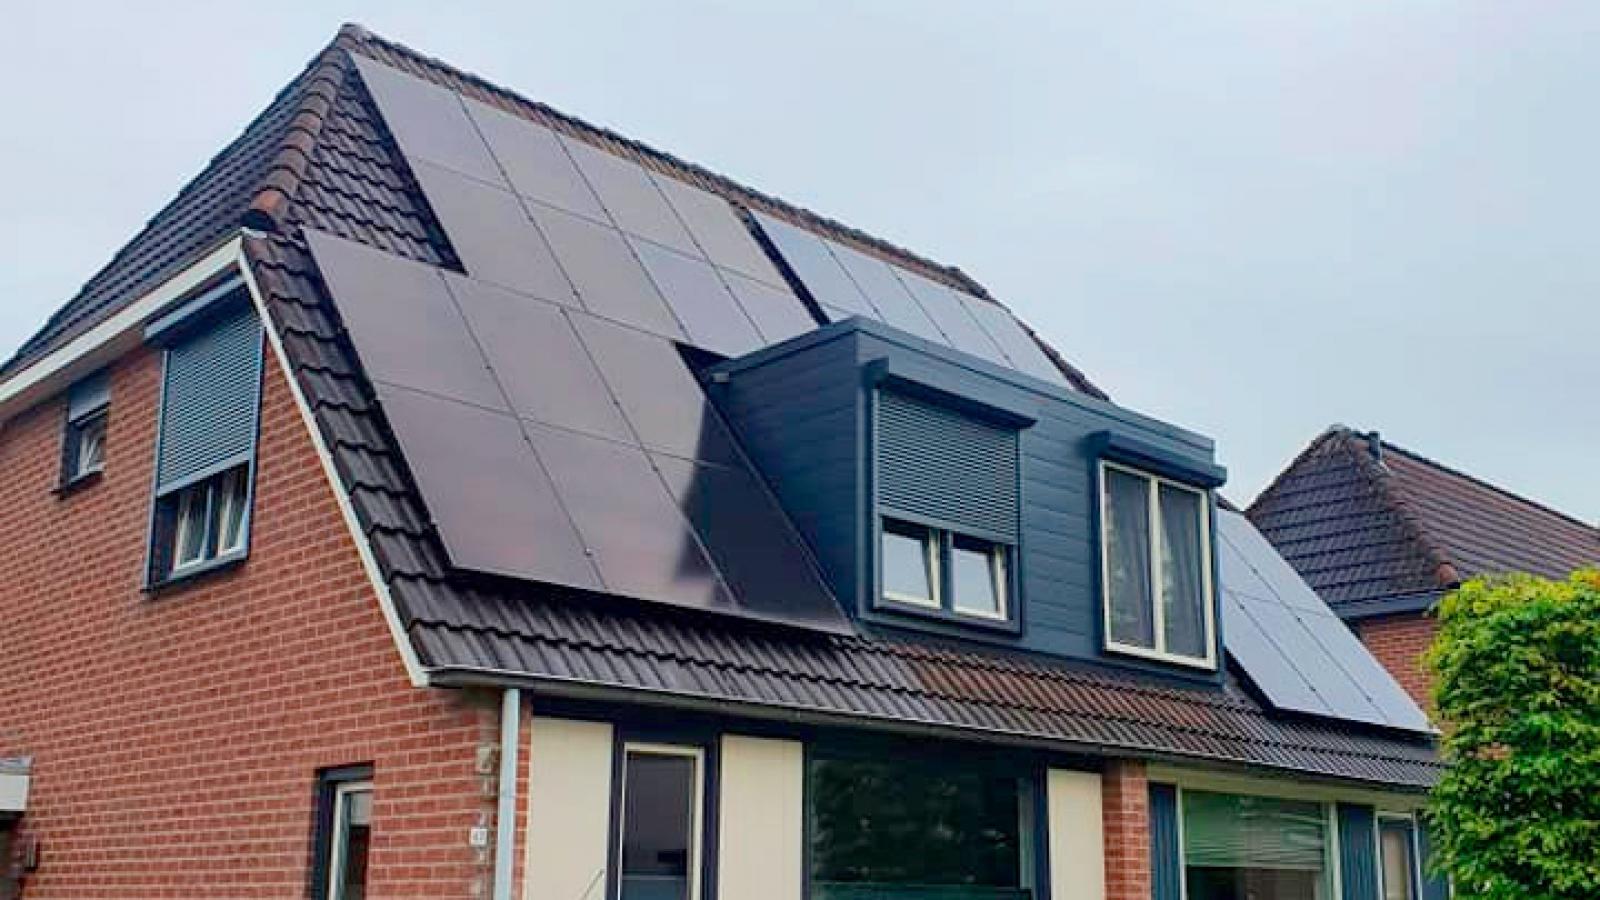 hydro_solar_14_330wp_enphase_westervoort